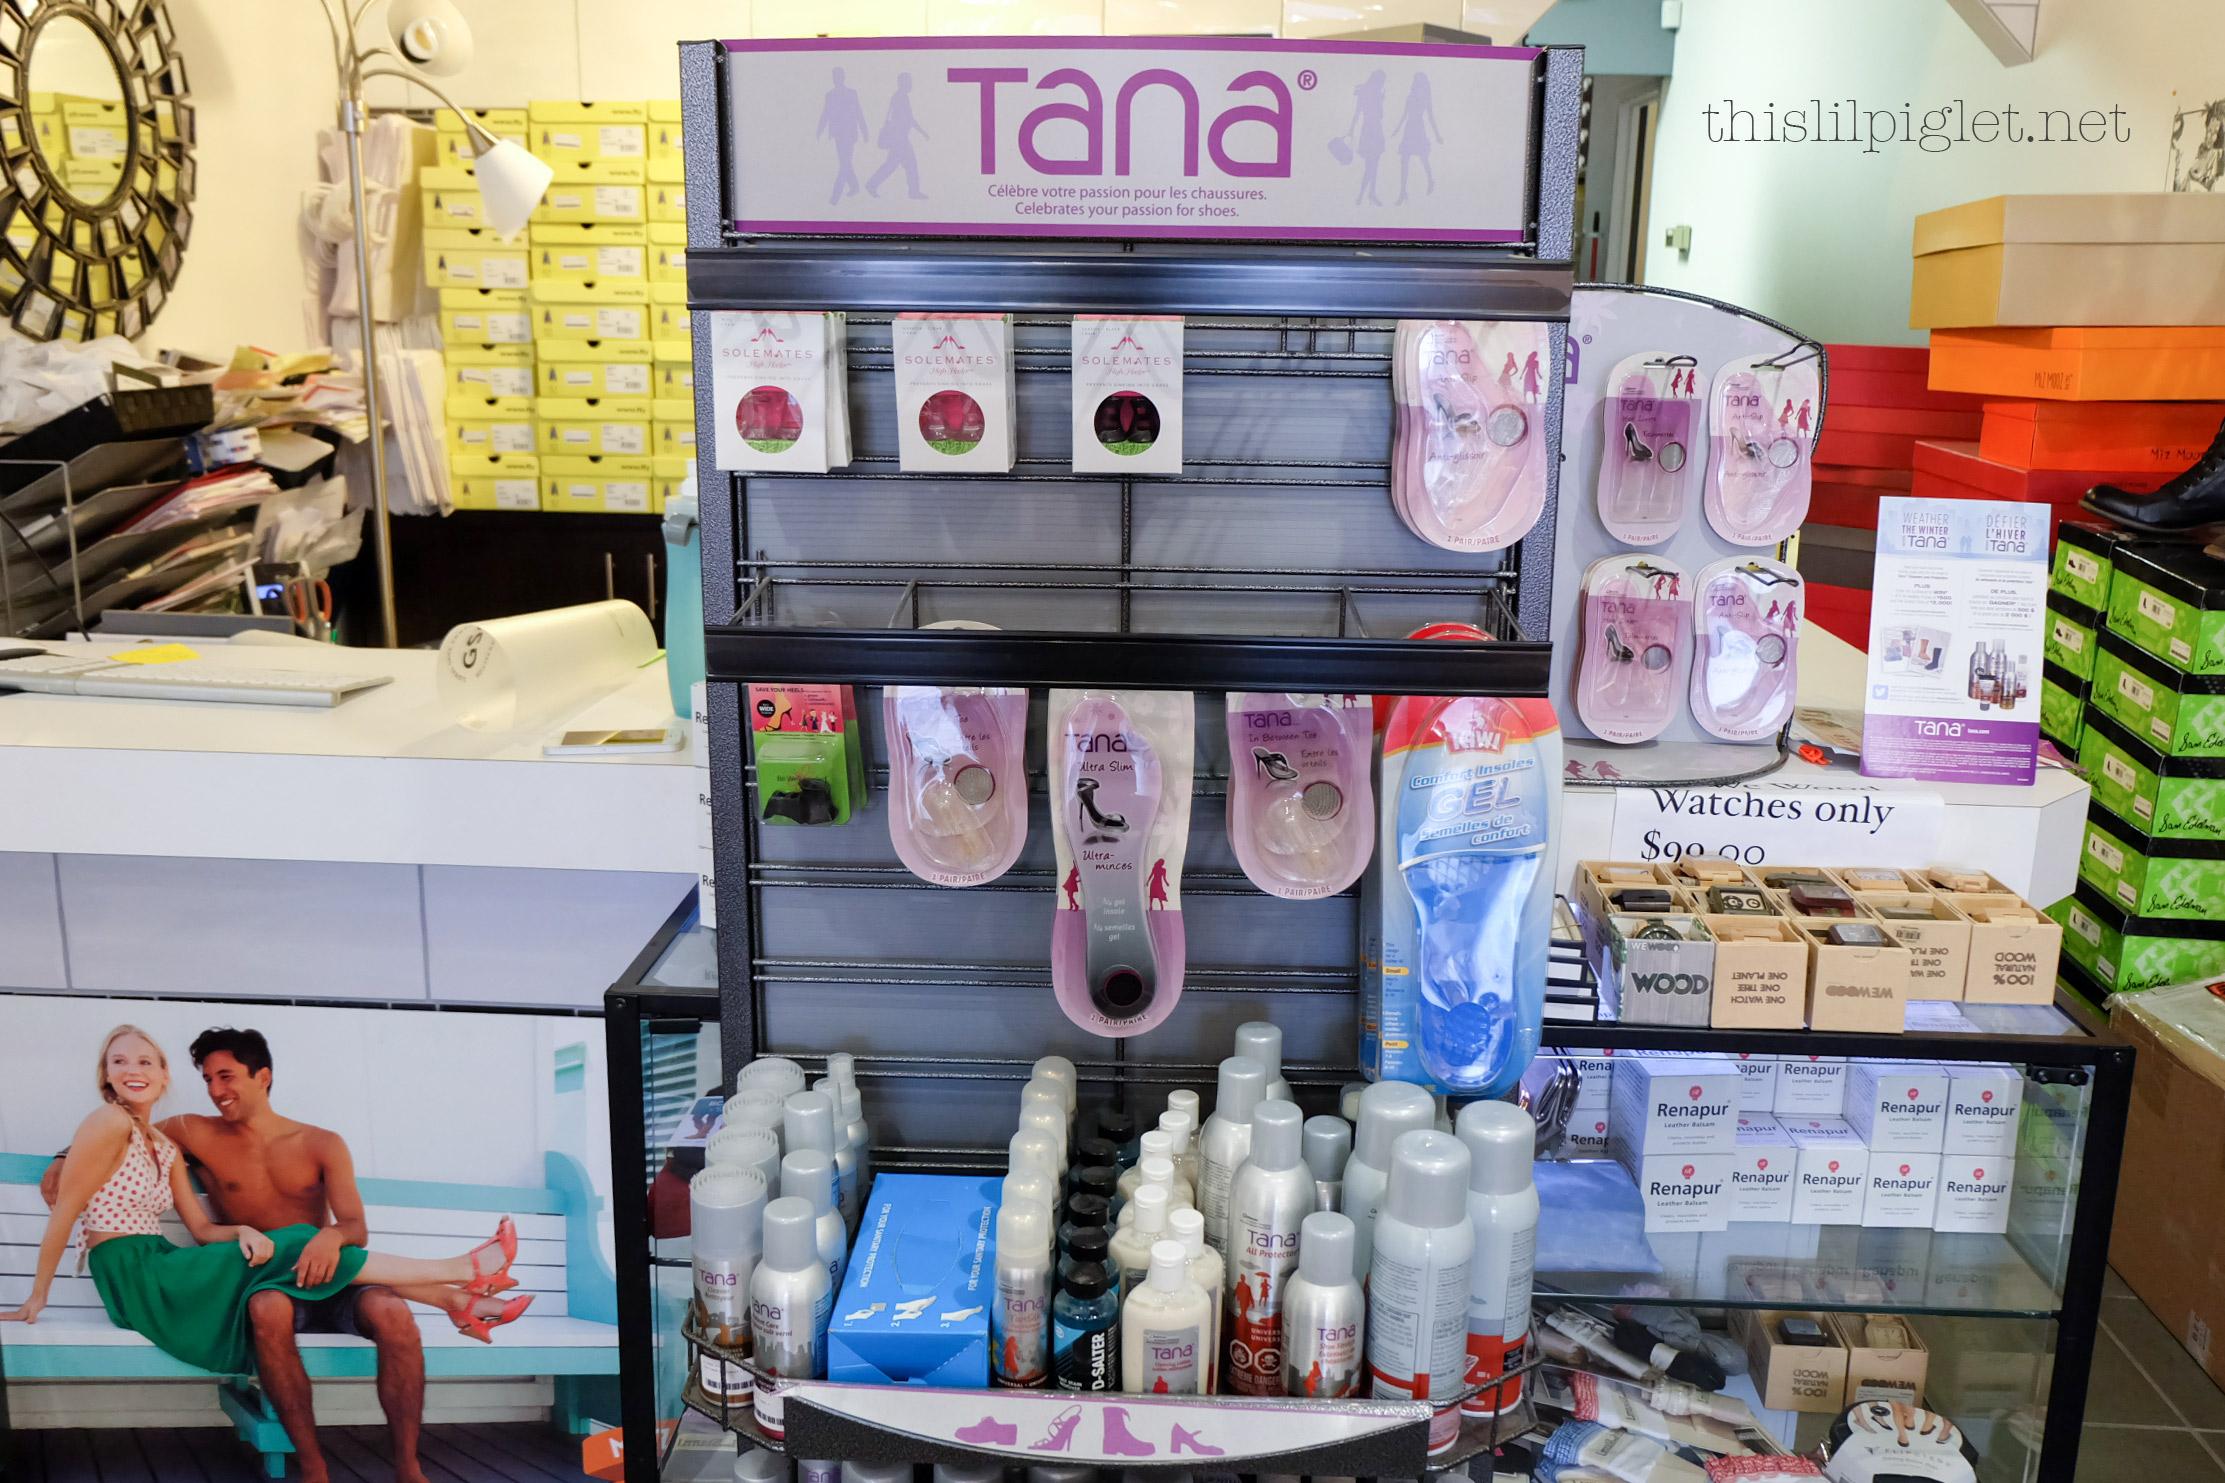 TanaShoeProducts